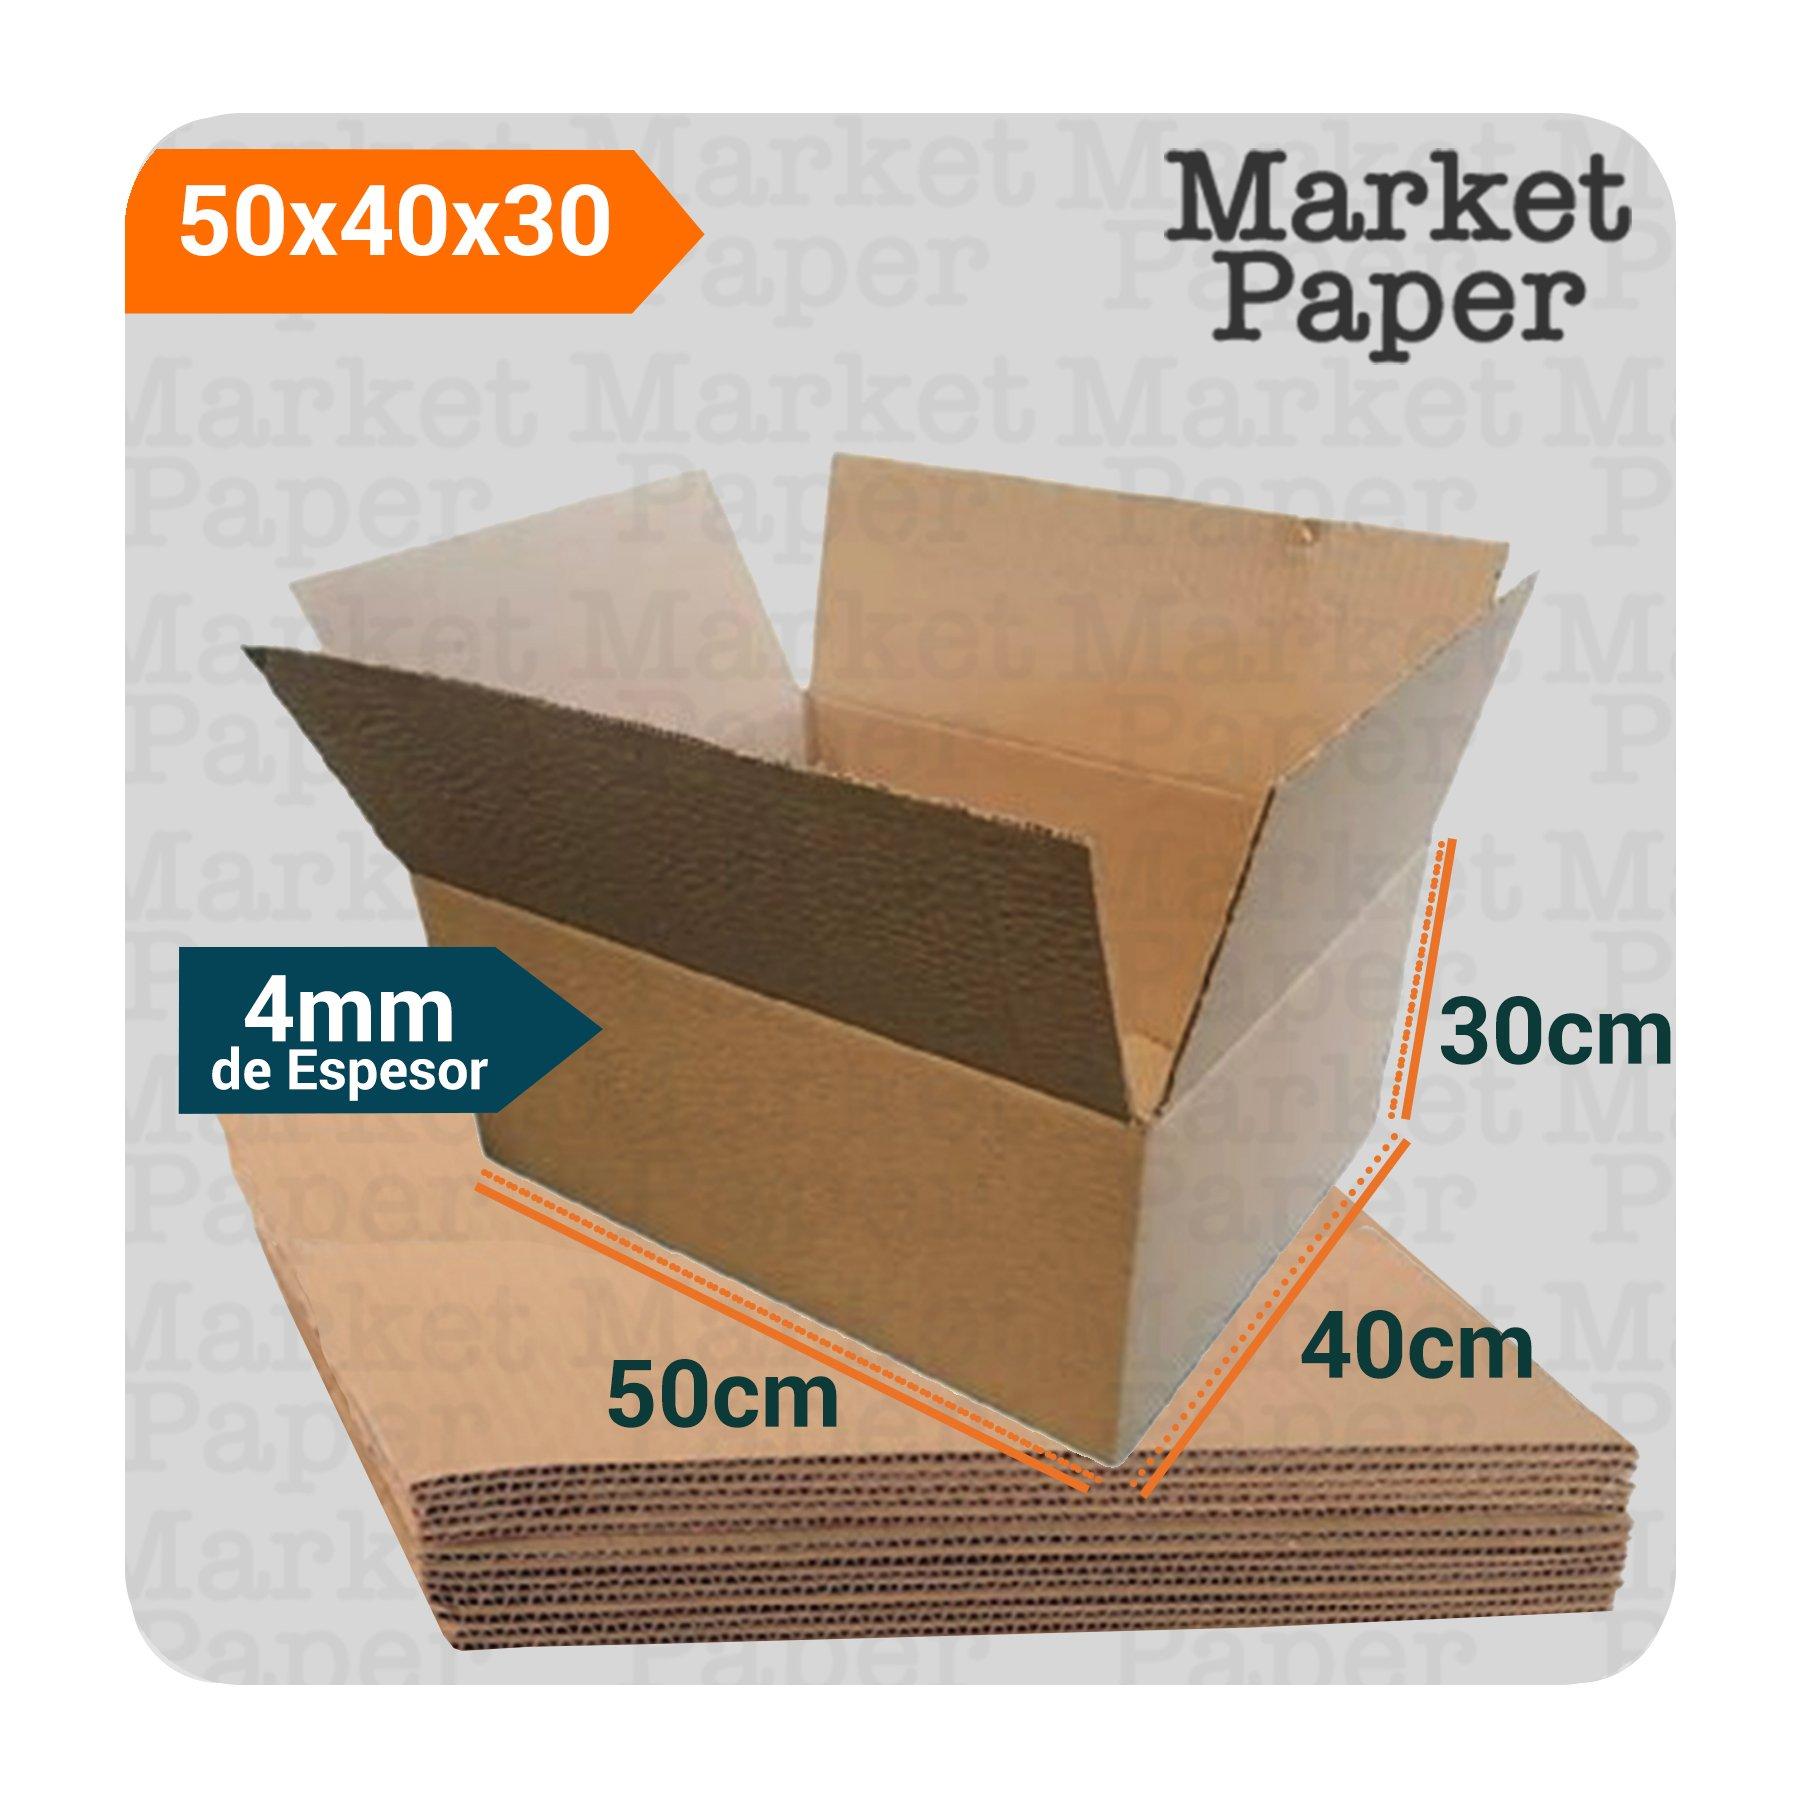 Caja De Cartón Corrugado Reforzada 50x40x30